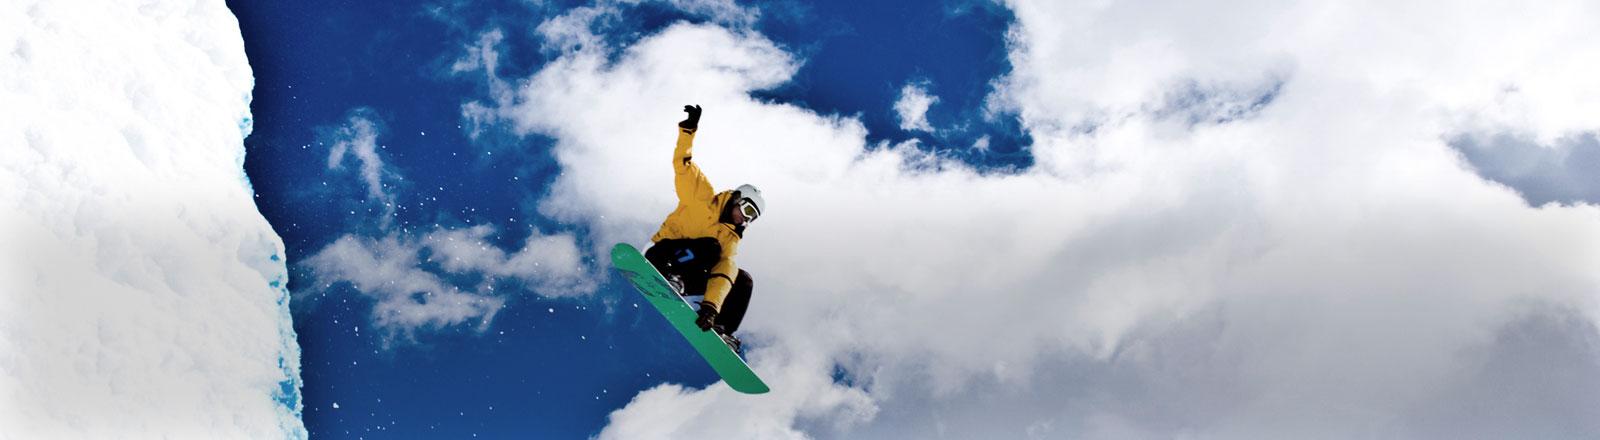 Ein Mann springt auf einem Snowboard.